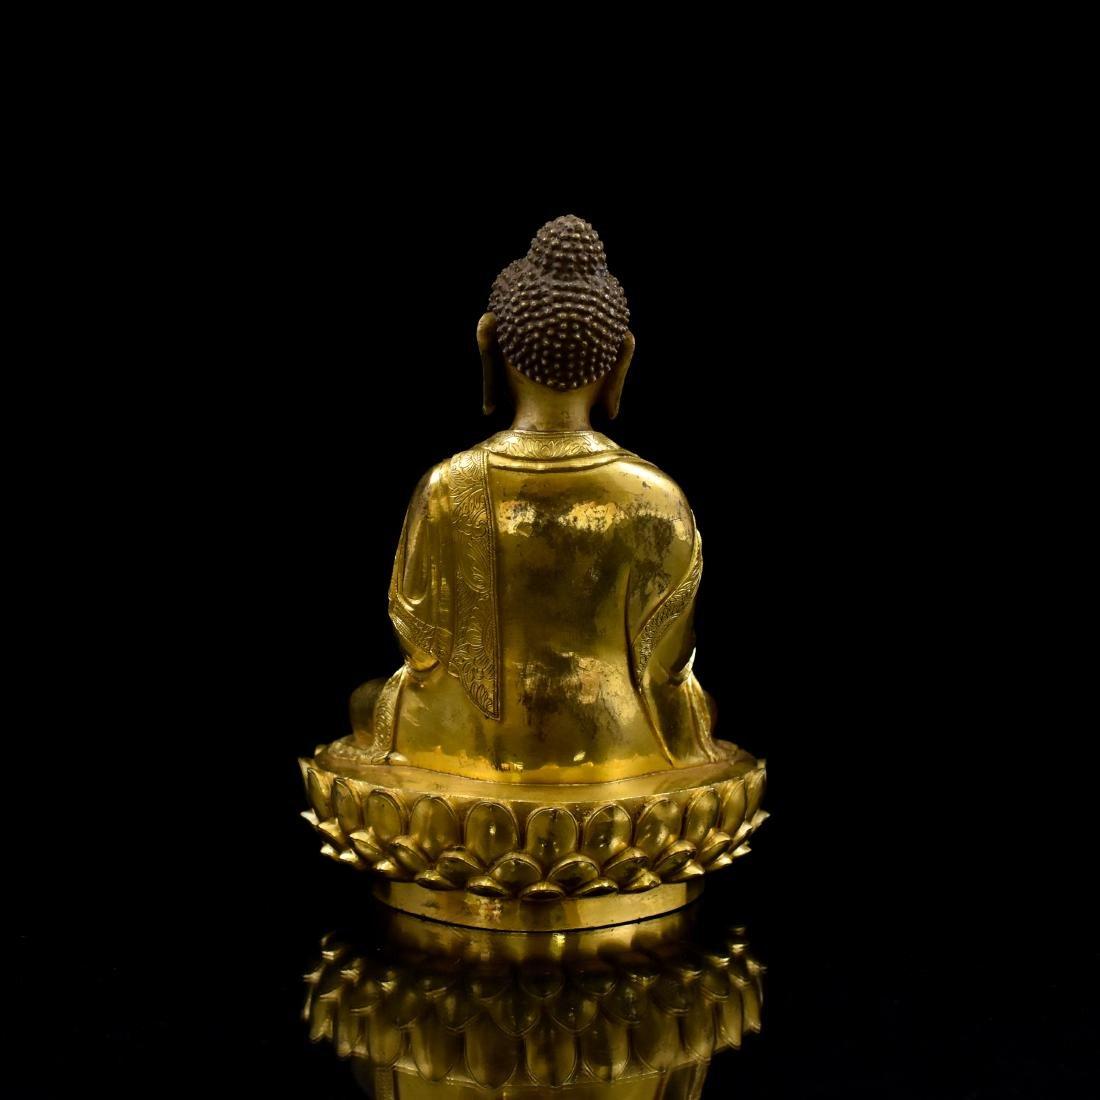 MING GILT BRONZE BUDDHA FIGURE OF SHAKYAMUNI BUDDHA - 3